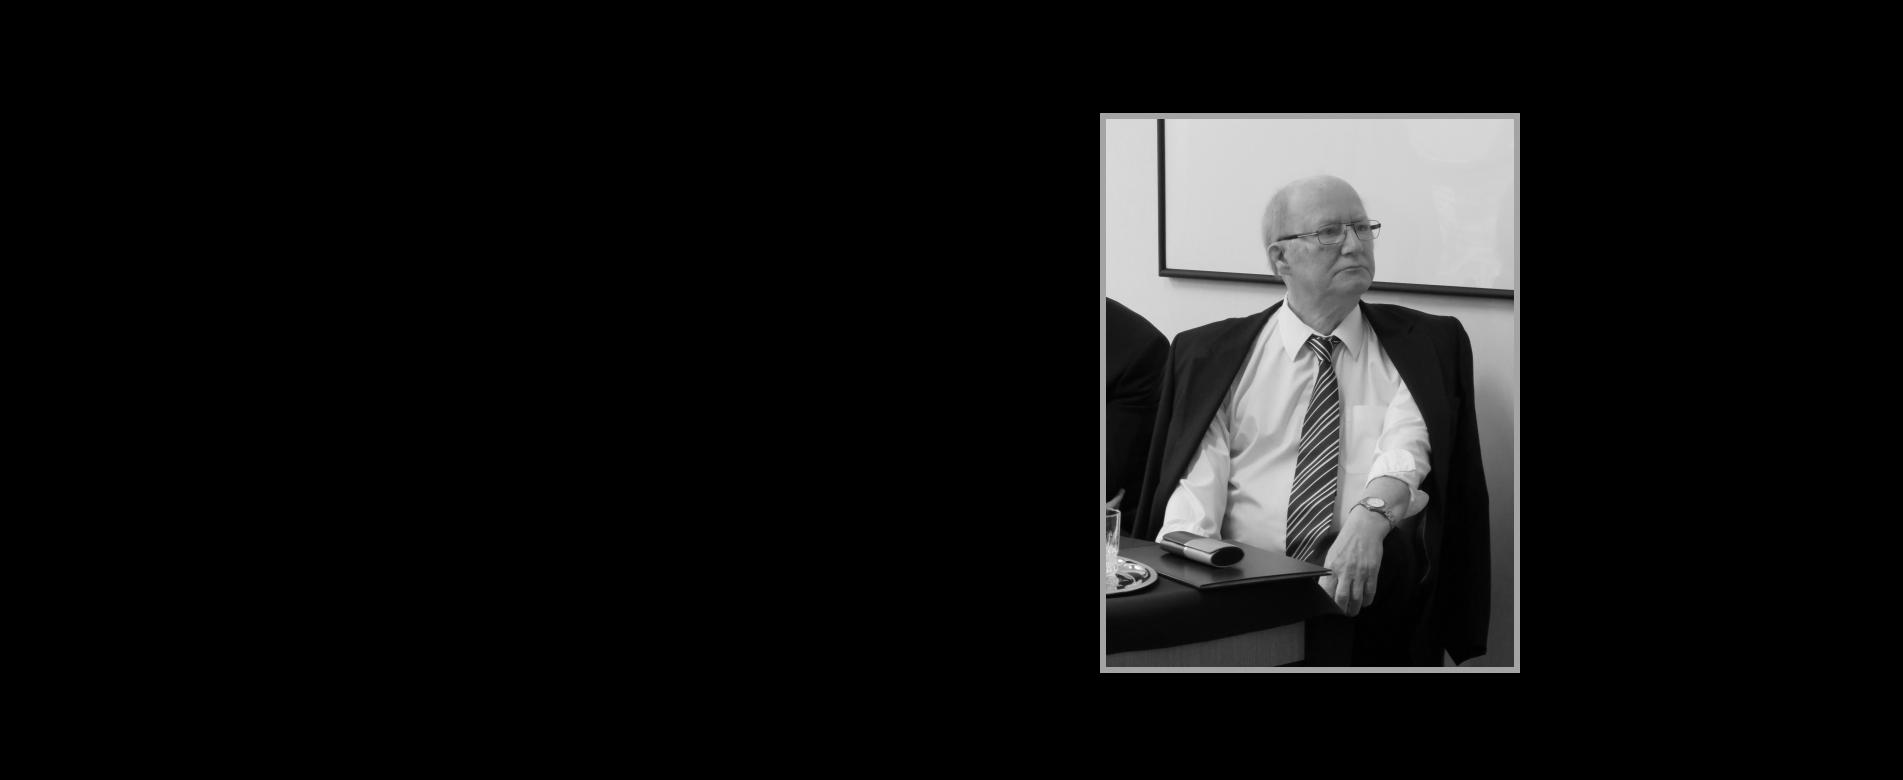 Elhunyt Dr. Tóth Károly, az ÁJK alapító dékánja